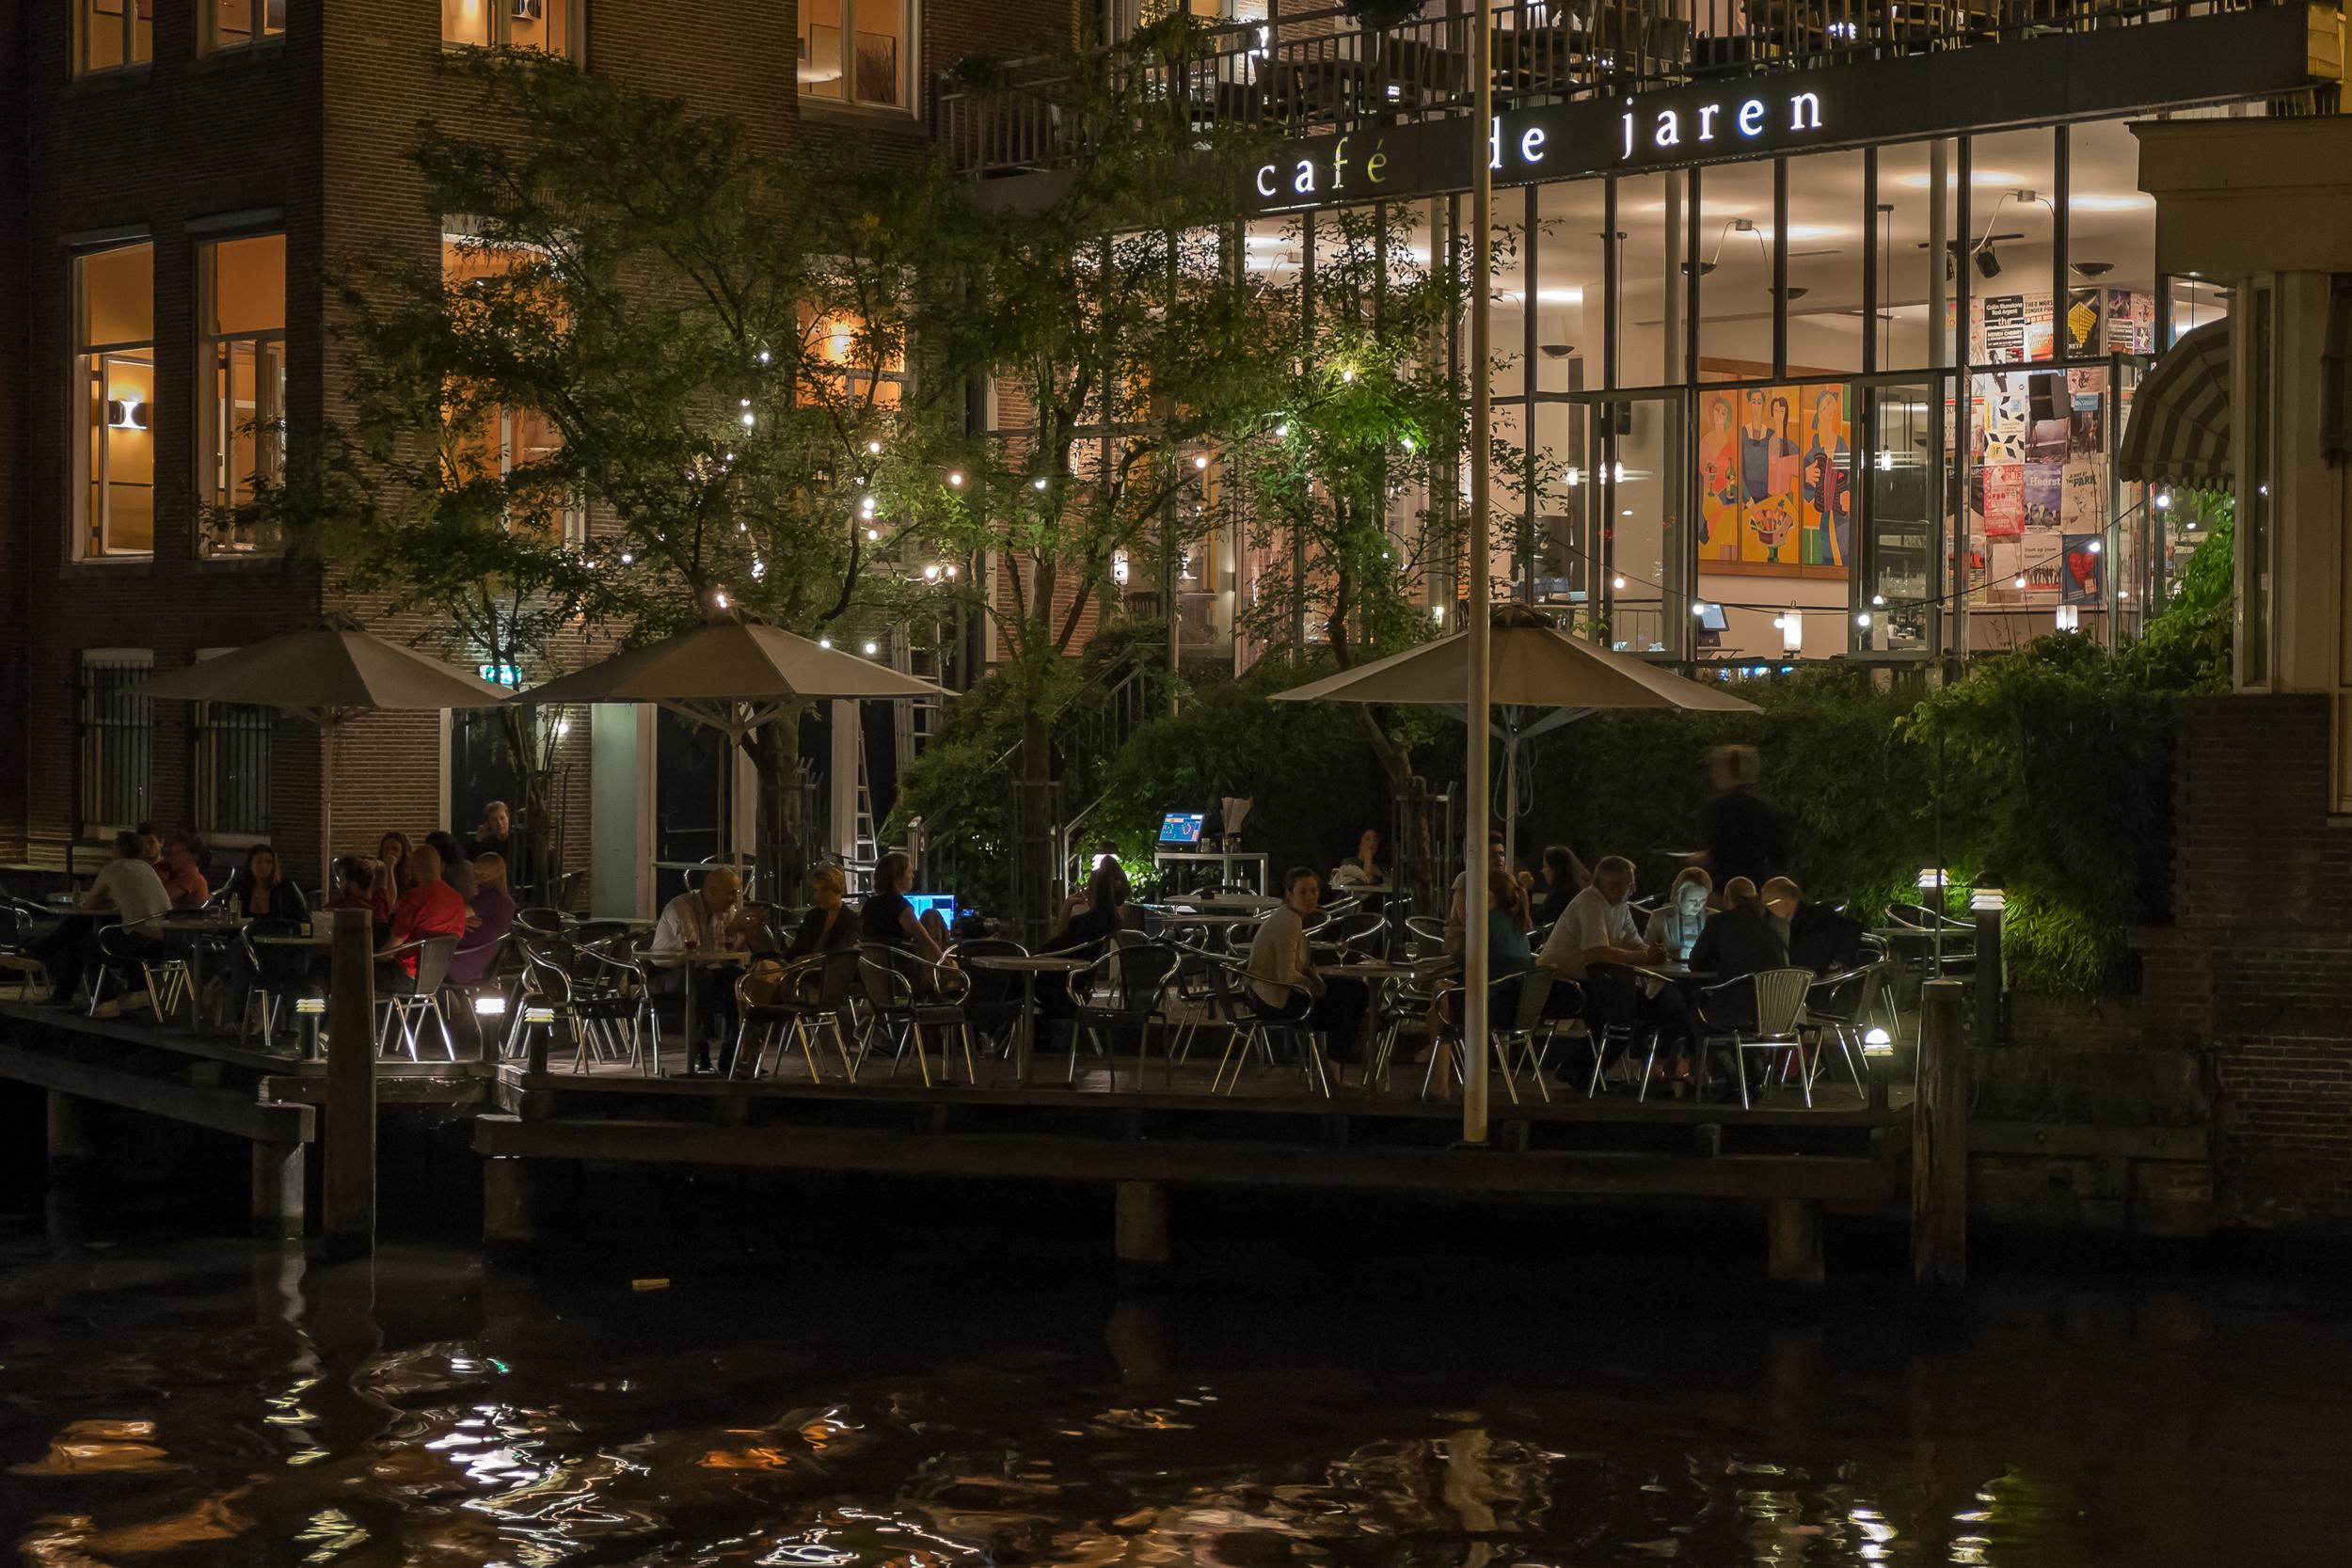 Amsterdam-CafeDeJaren-20130618-DSCF0728.jpg